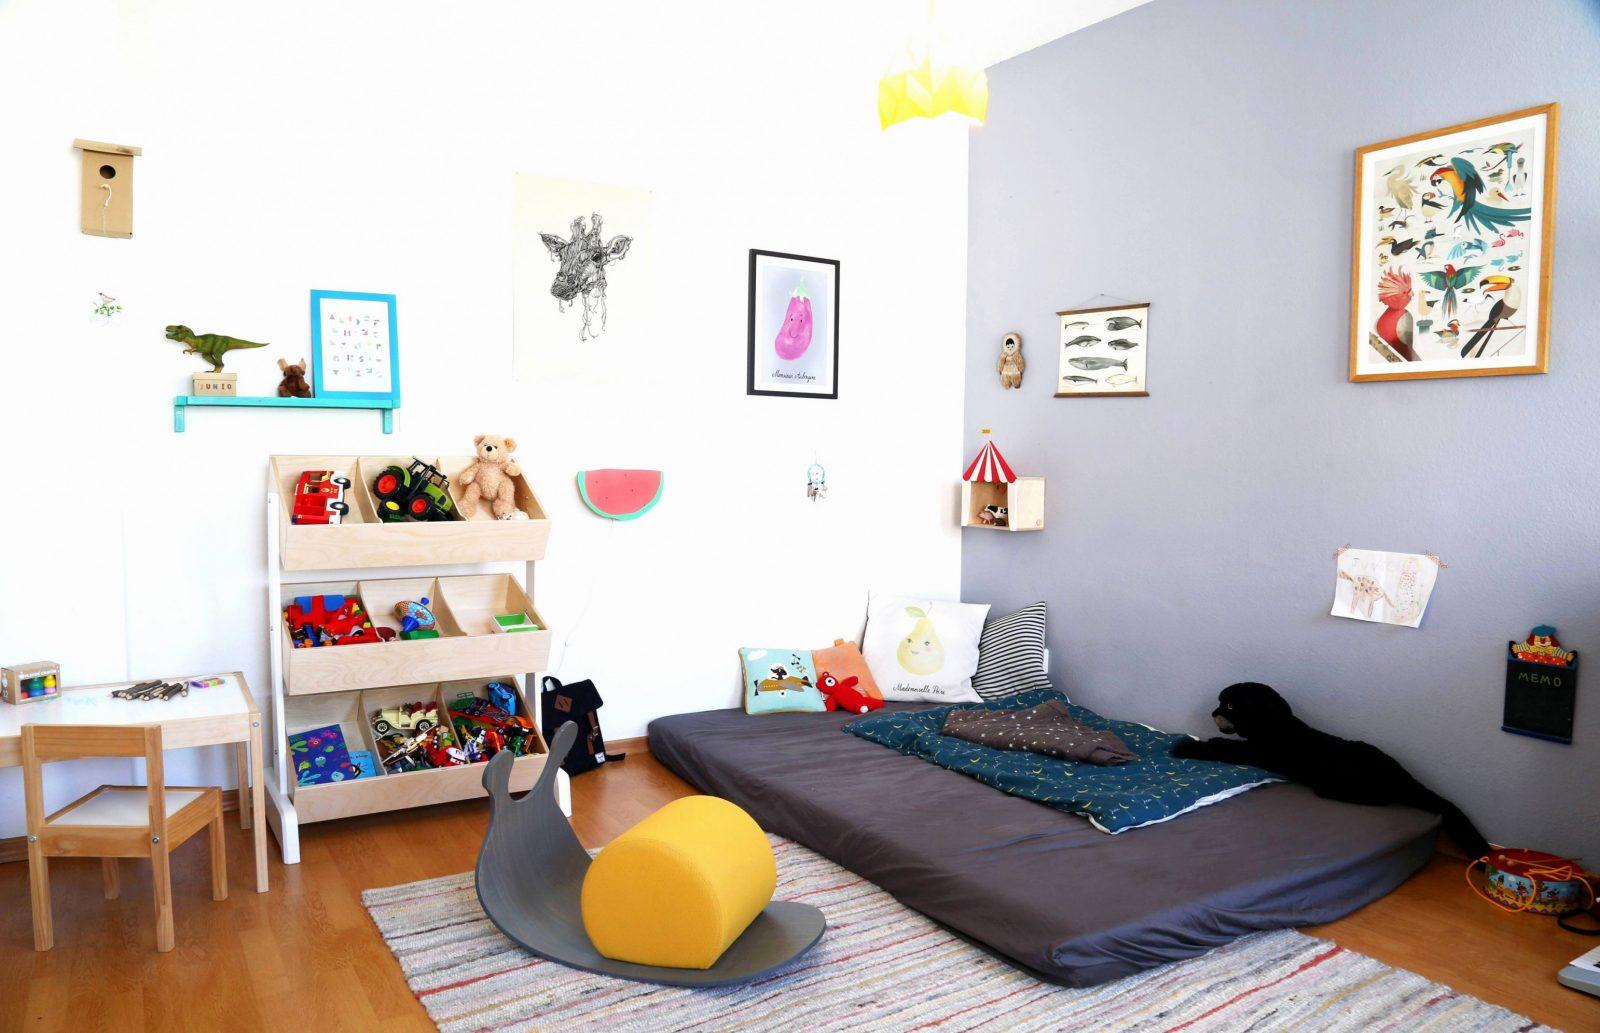 14 Appellieren Fotos Von Babyzimmer Junge Deko  Kinderzimmer von Deko Ideen Babyzimmer Bild